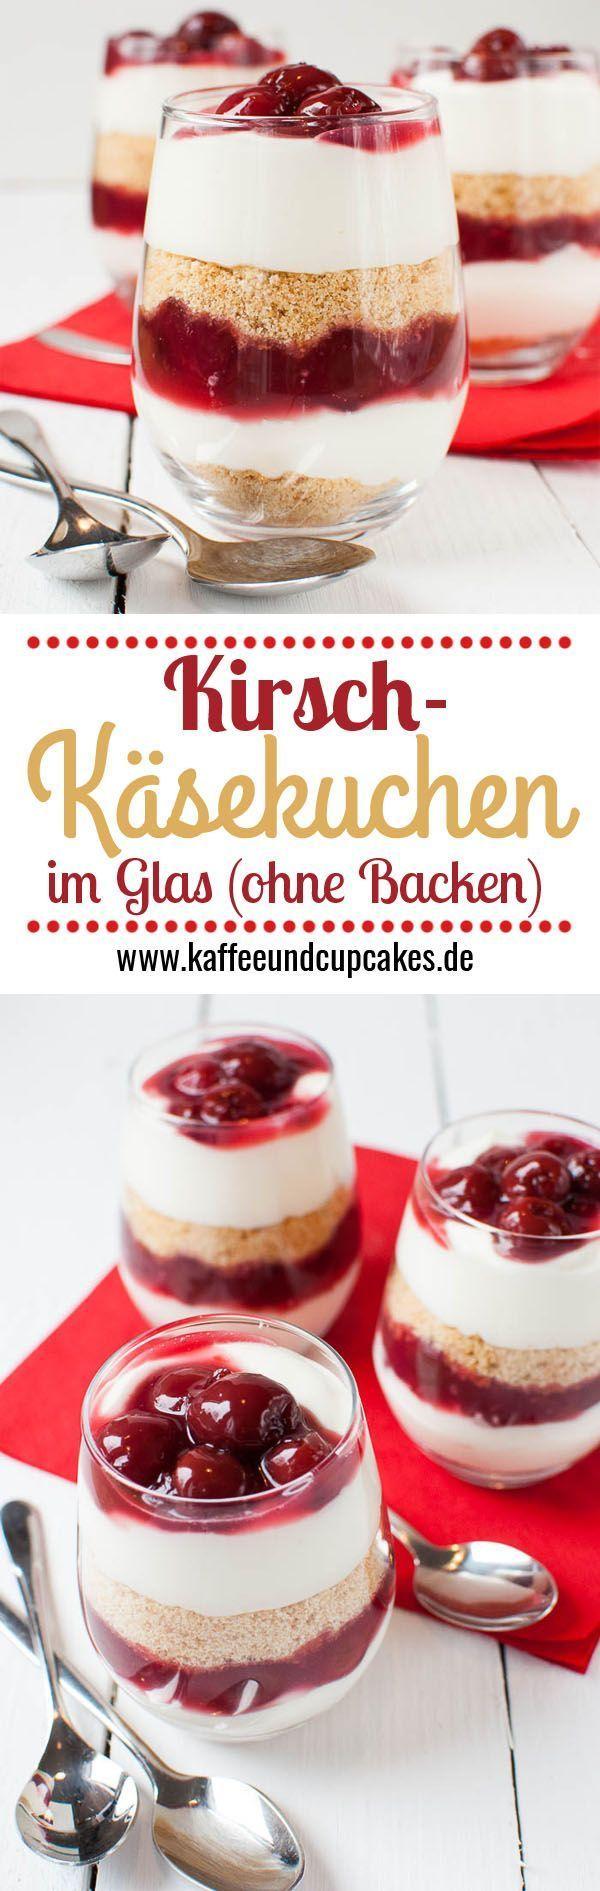 Kirsch-Käsekuchen-Dessert im Glas (ohne Backen) #cheesecakes